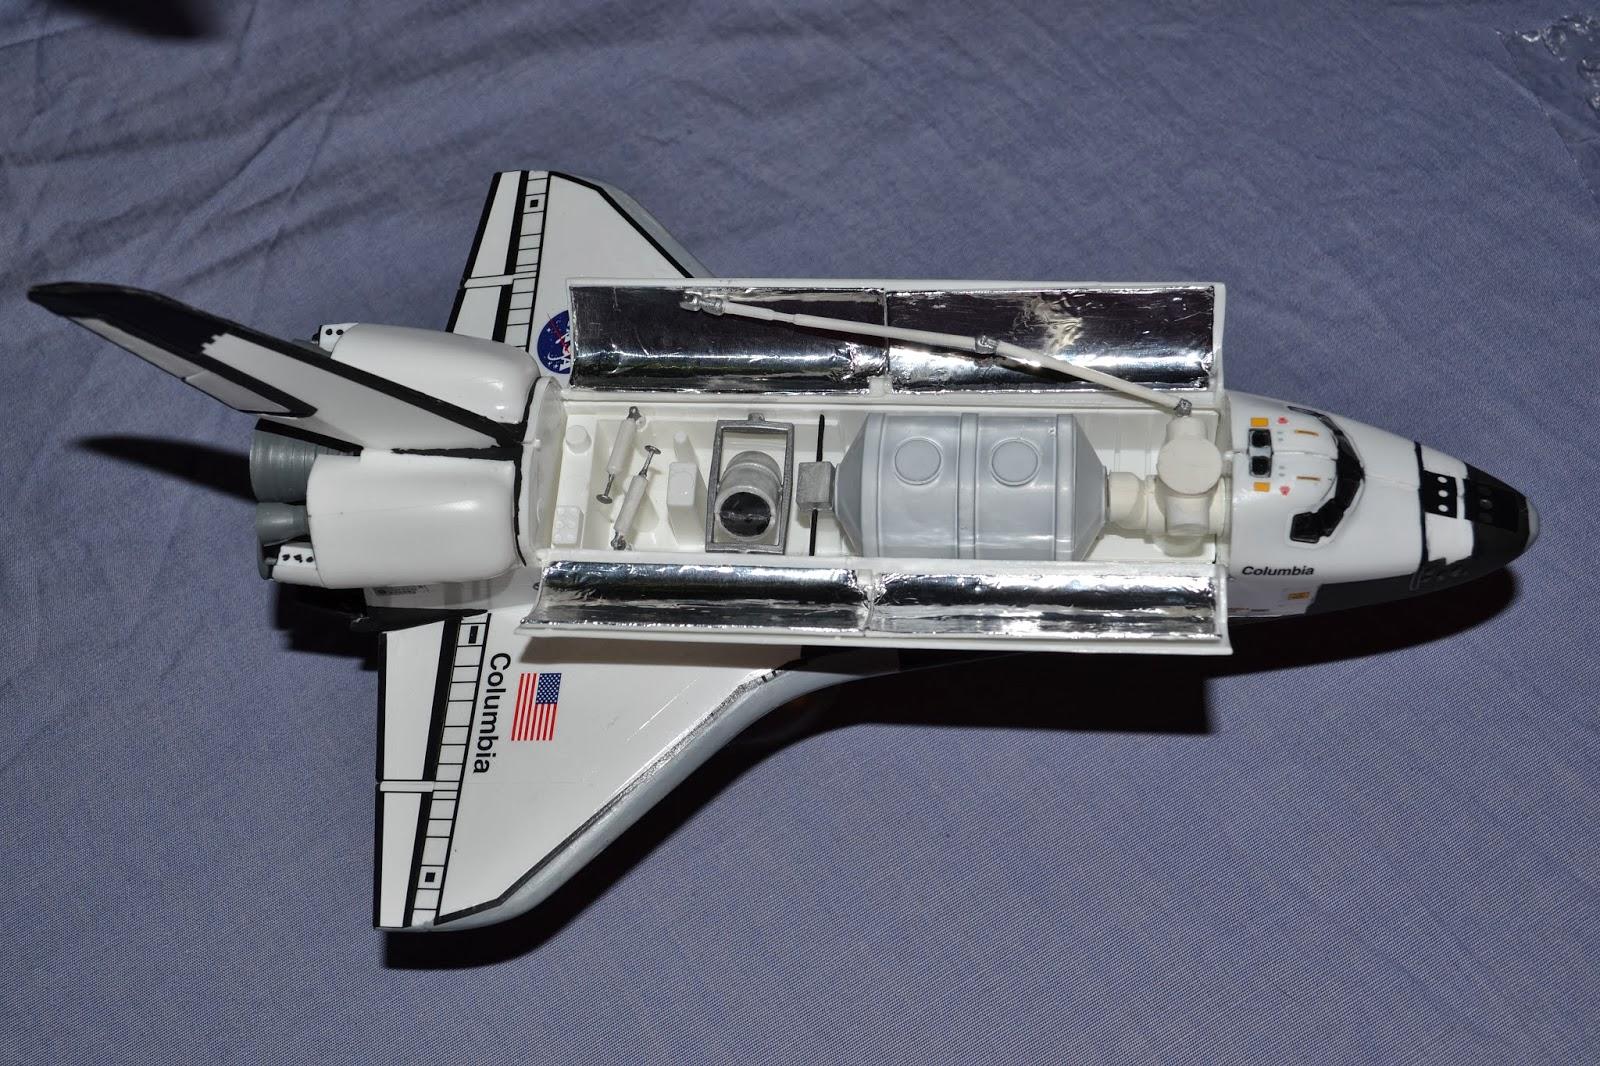 space shuttle model revell - photo #25